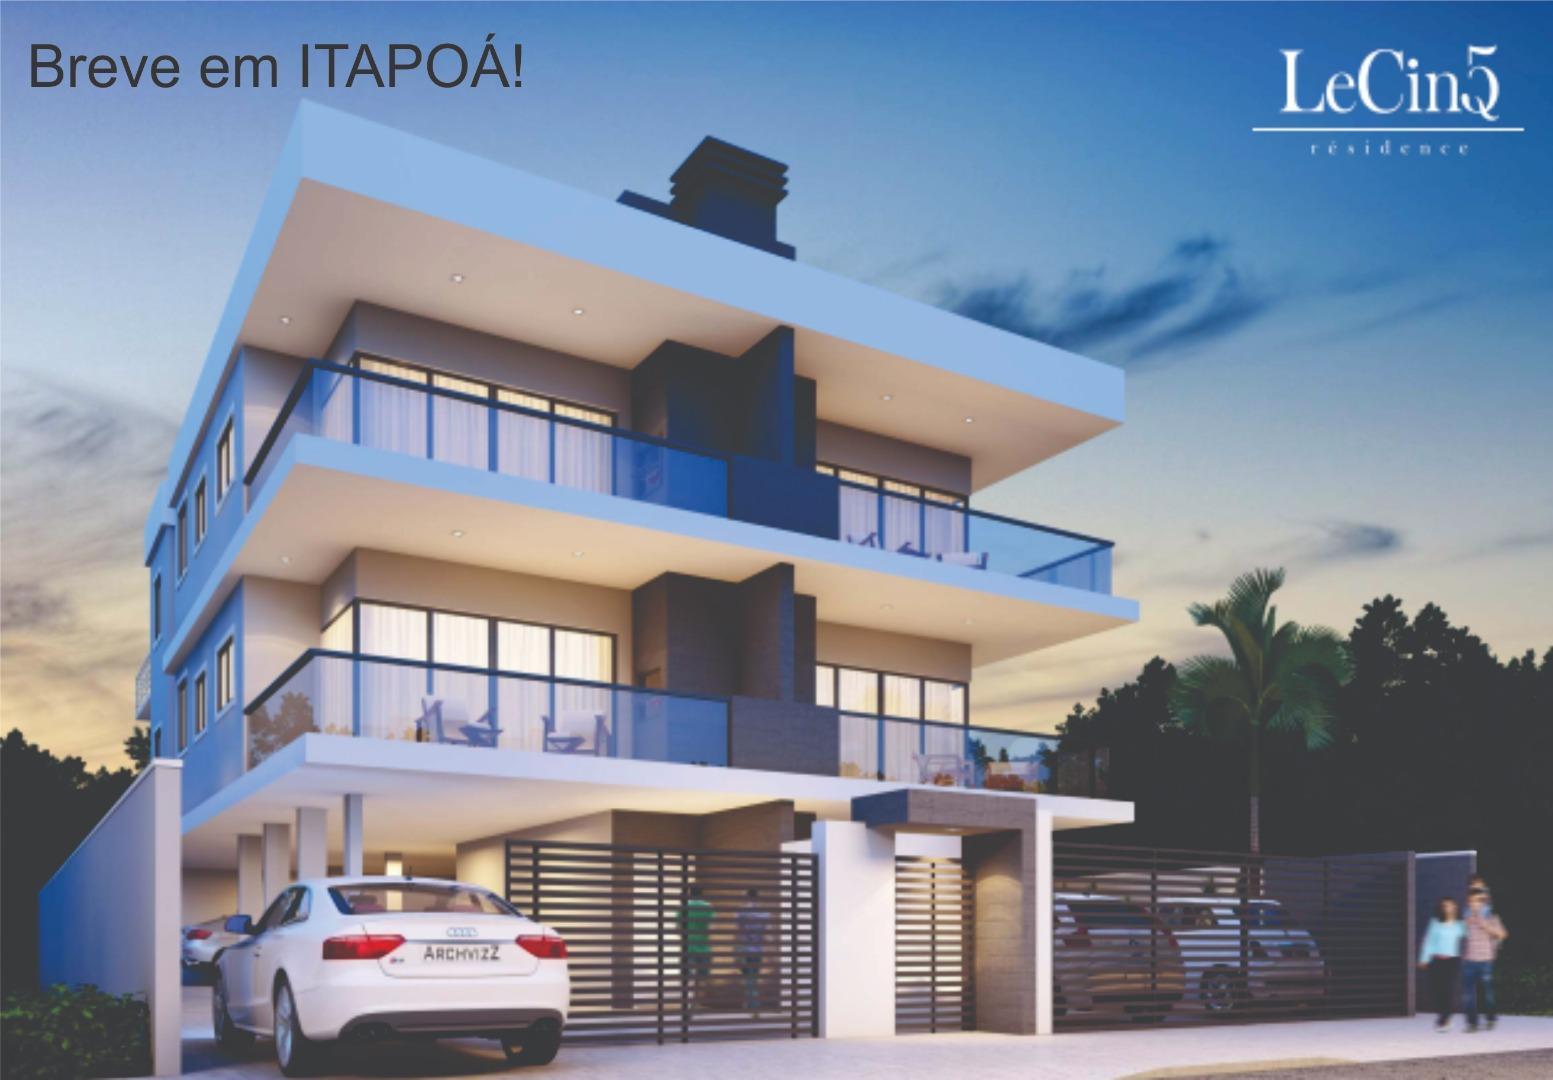 Apartamento com 3 dormitórios à venda, 91 m² por R$ 389.000,00 - Jardim da Barra - Itapoá/SC